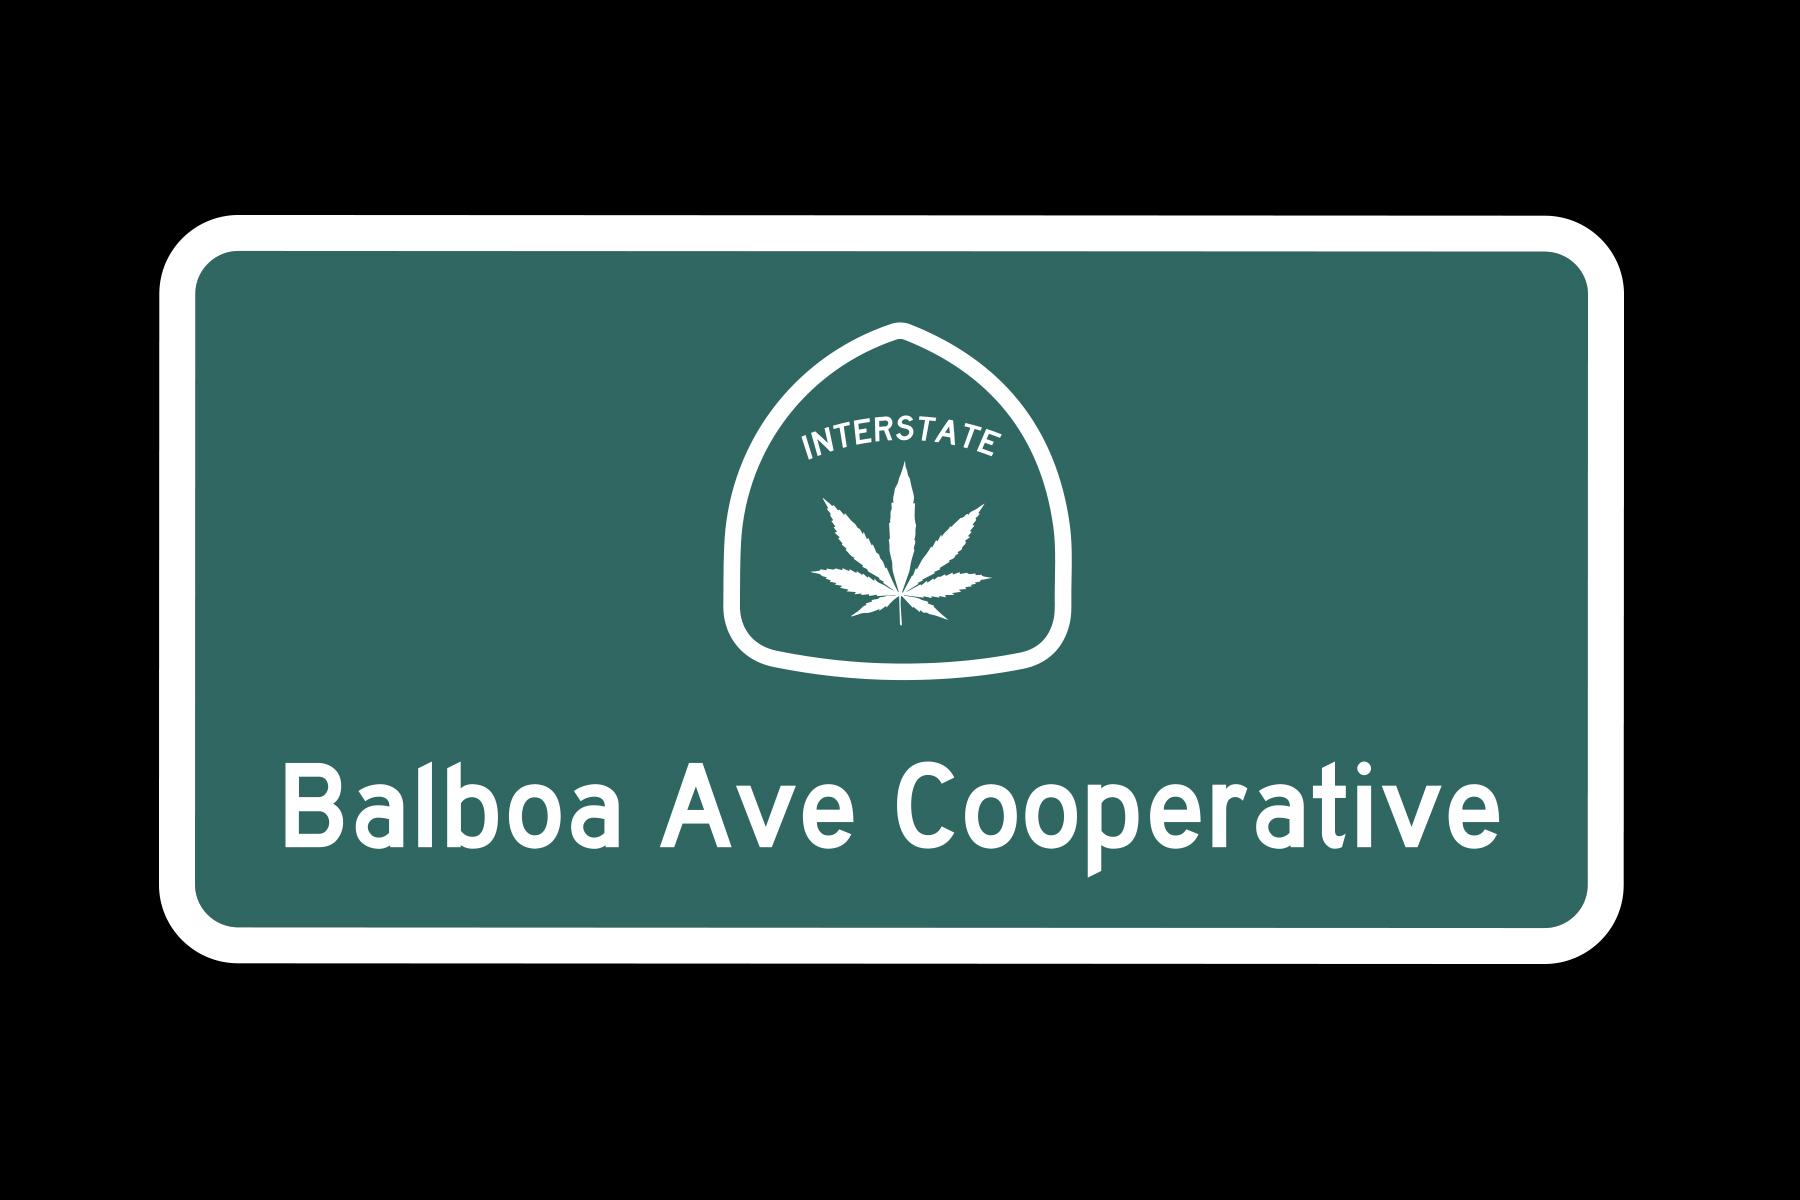 Balboa Ave